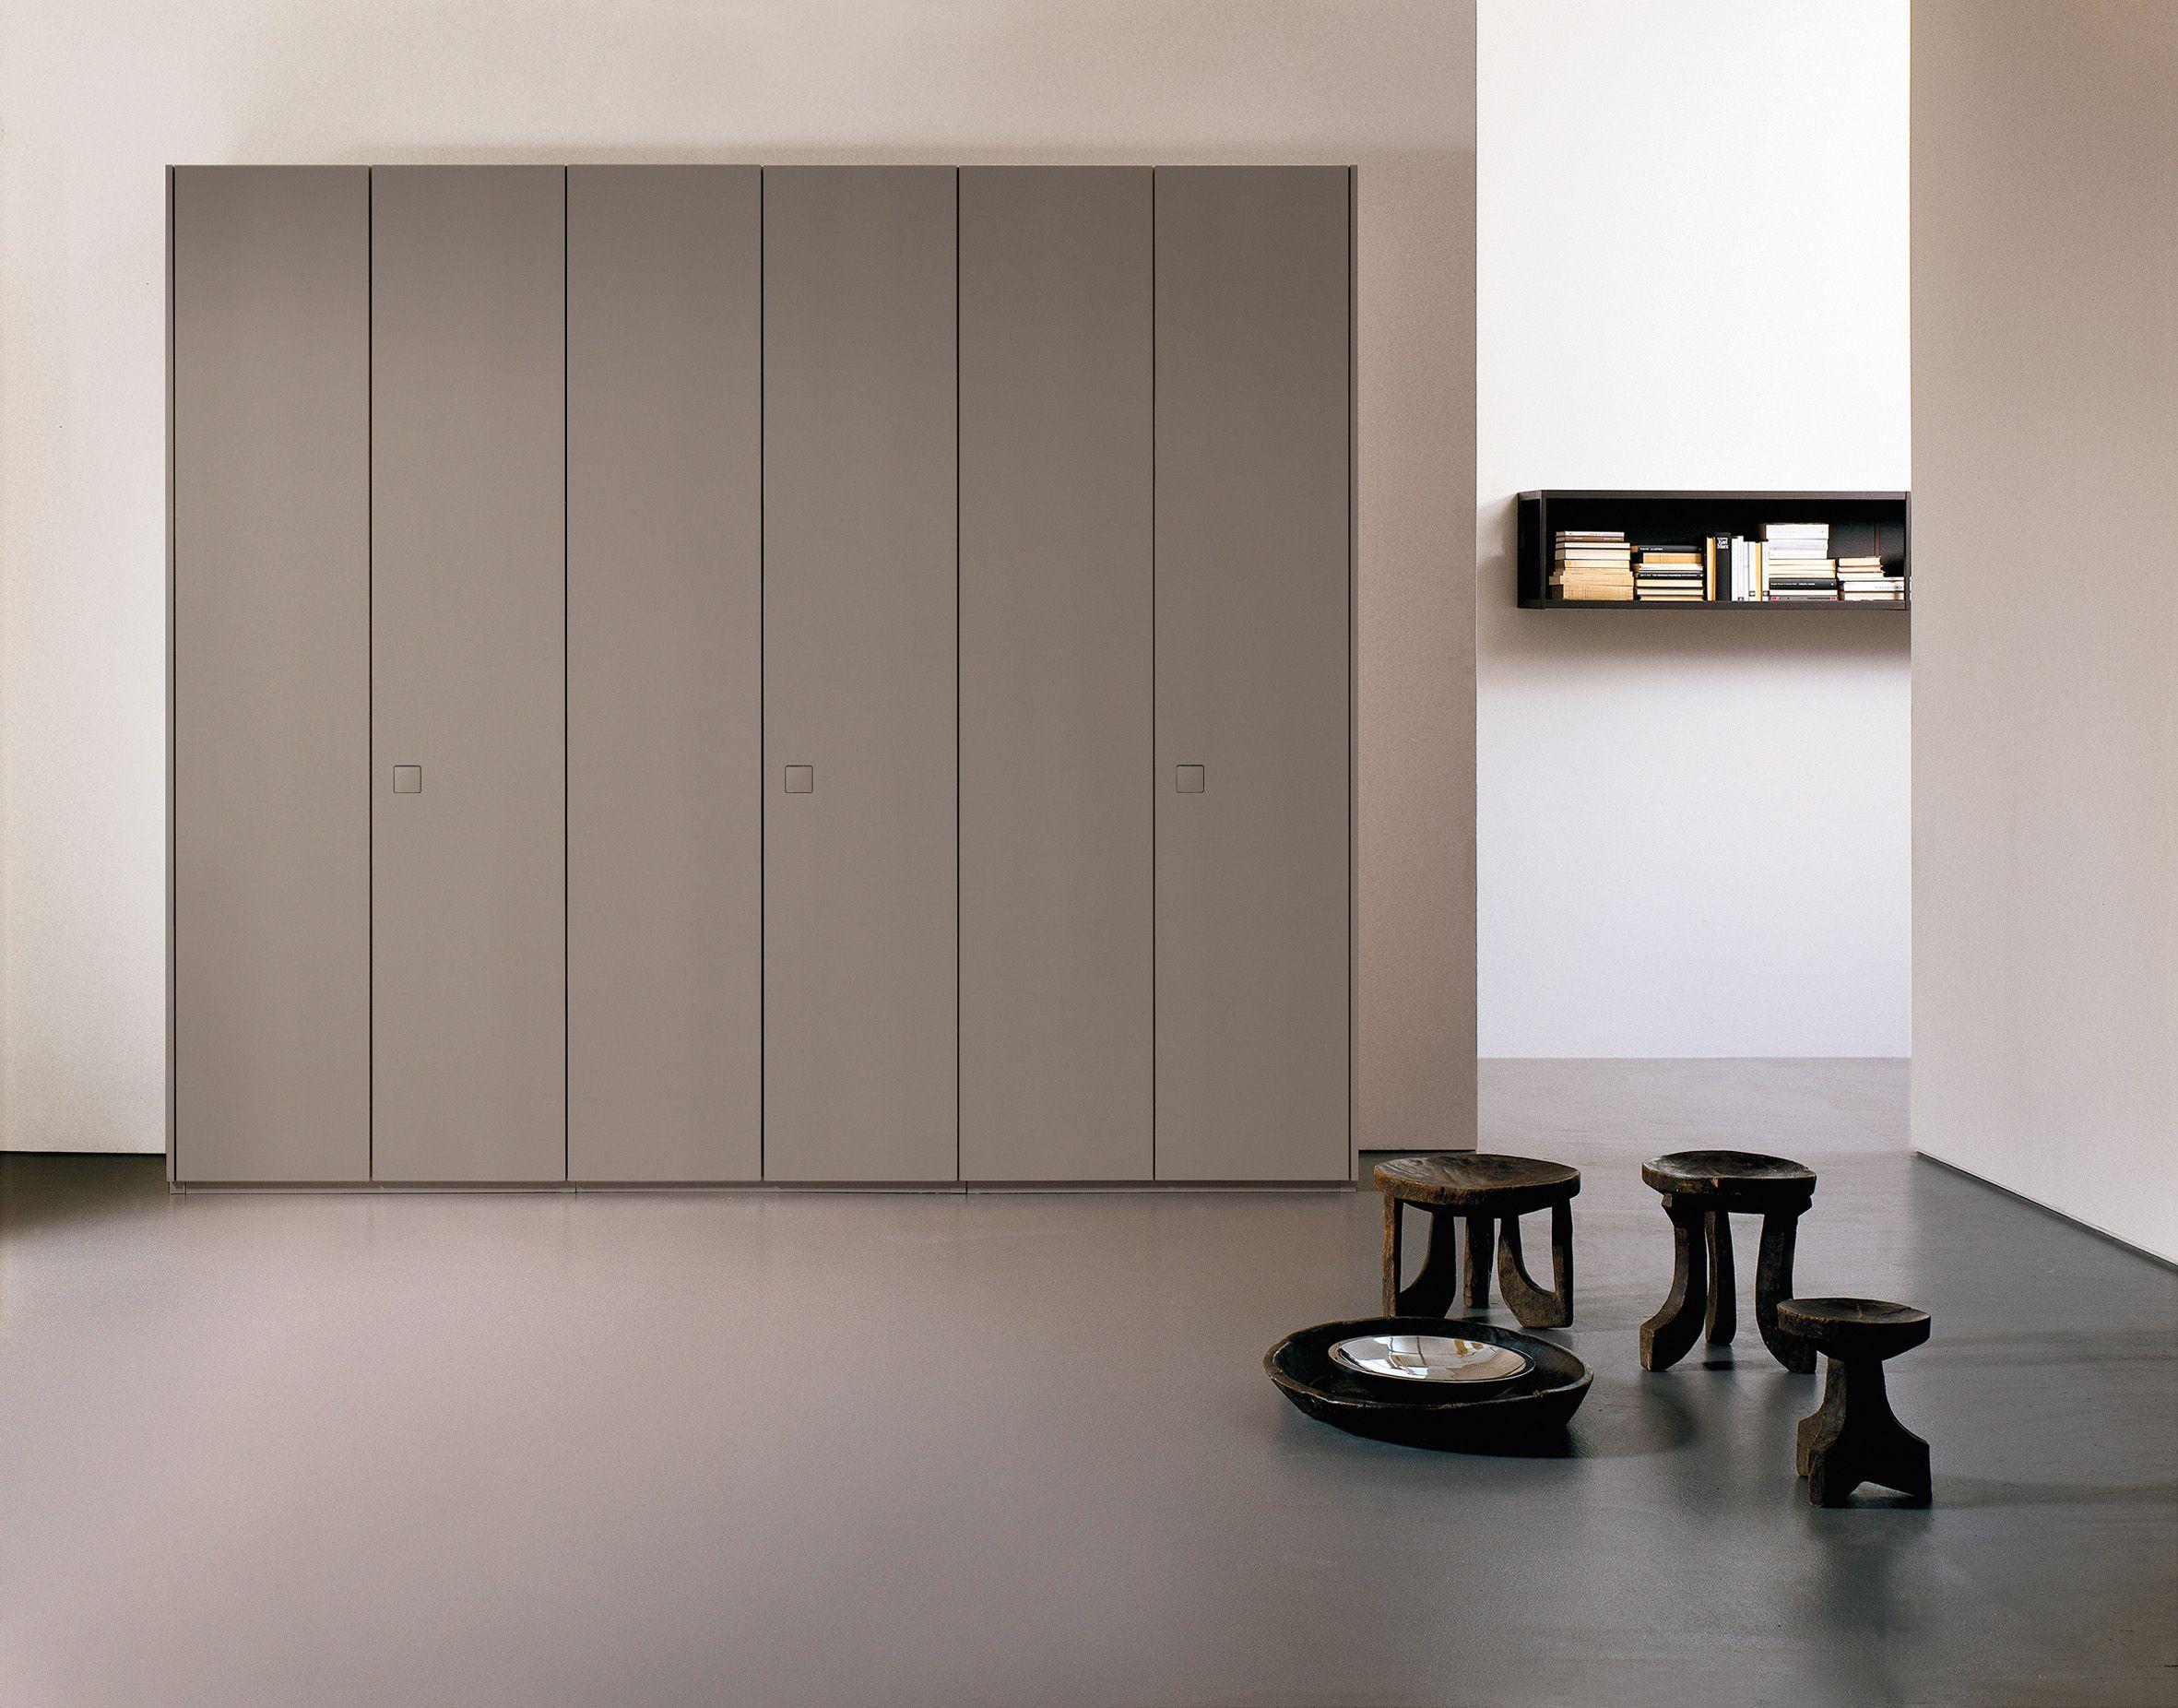 Armario modular de madera ATLANTE SEVENTY by EmmeBi diseño Pietro Arosio